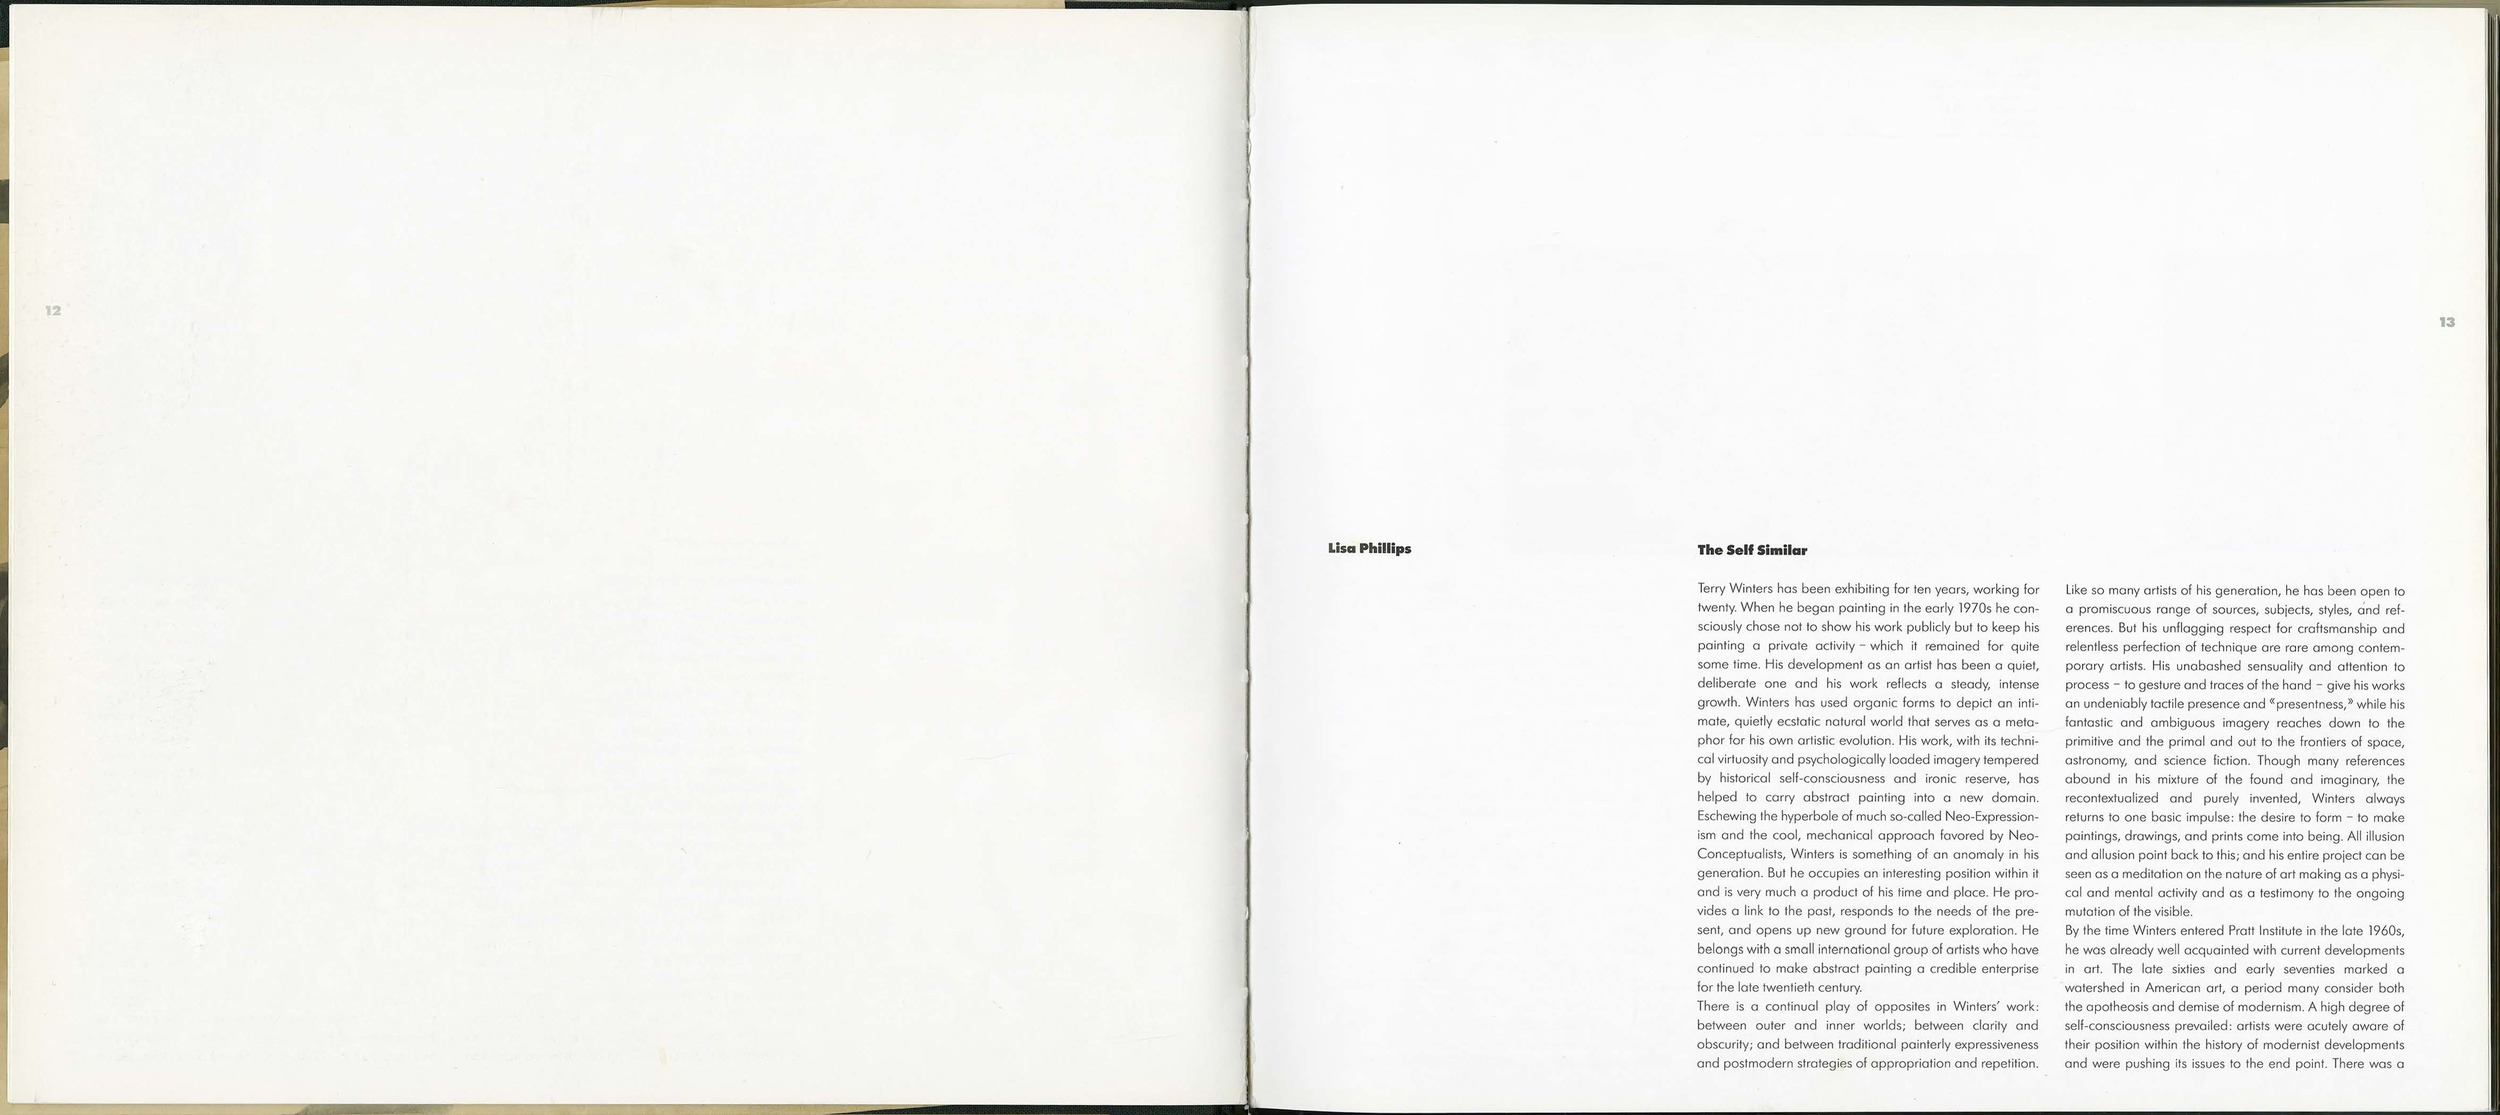 LisaPhillips_TheSelfSimilar_1991-Whitney_Page_1.jpg